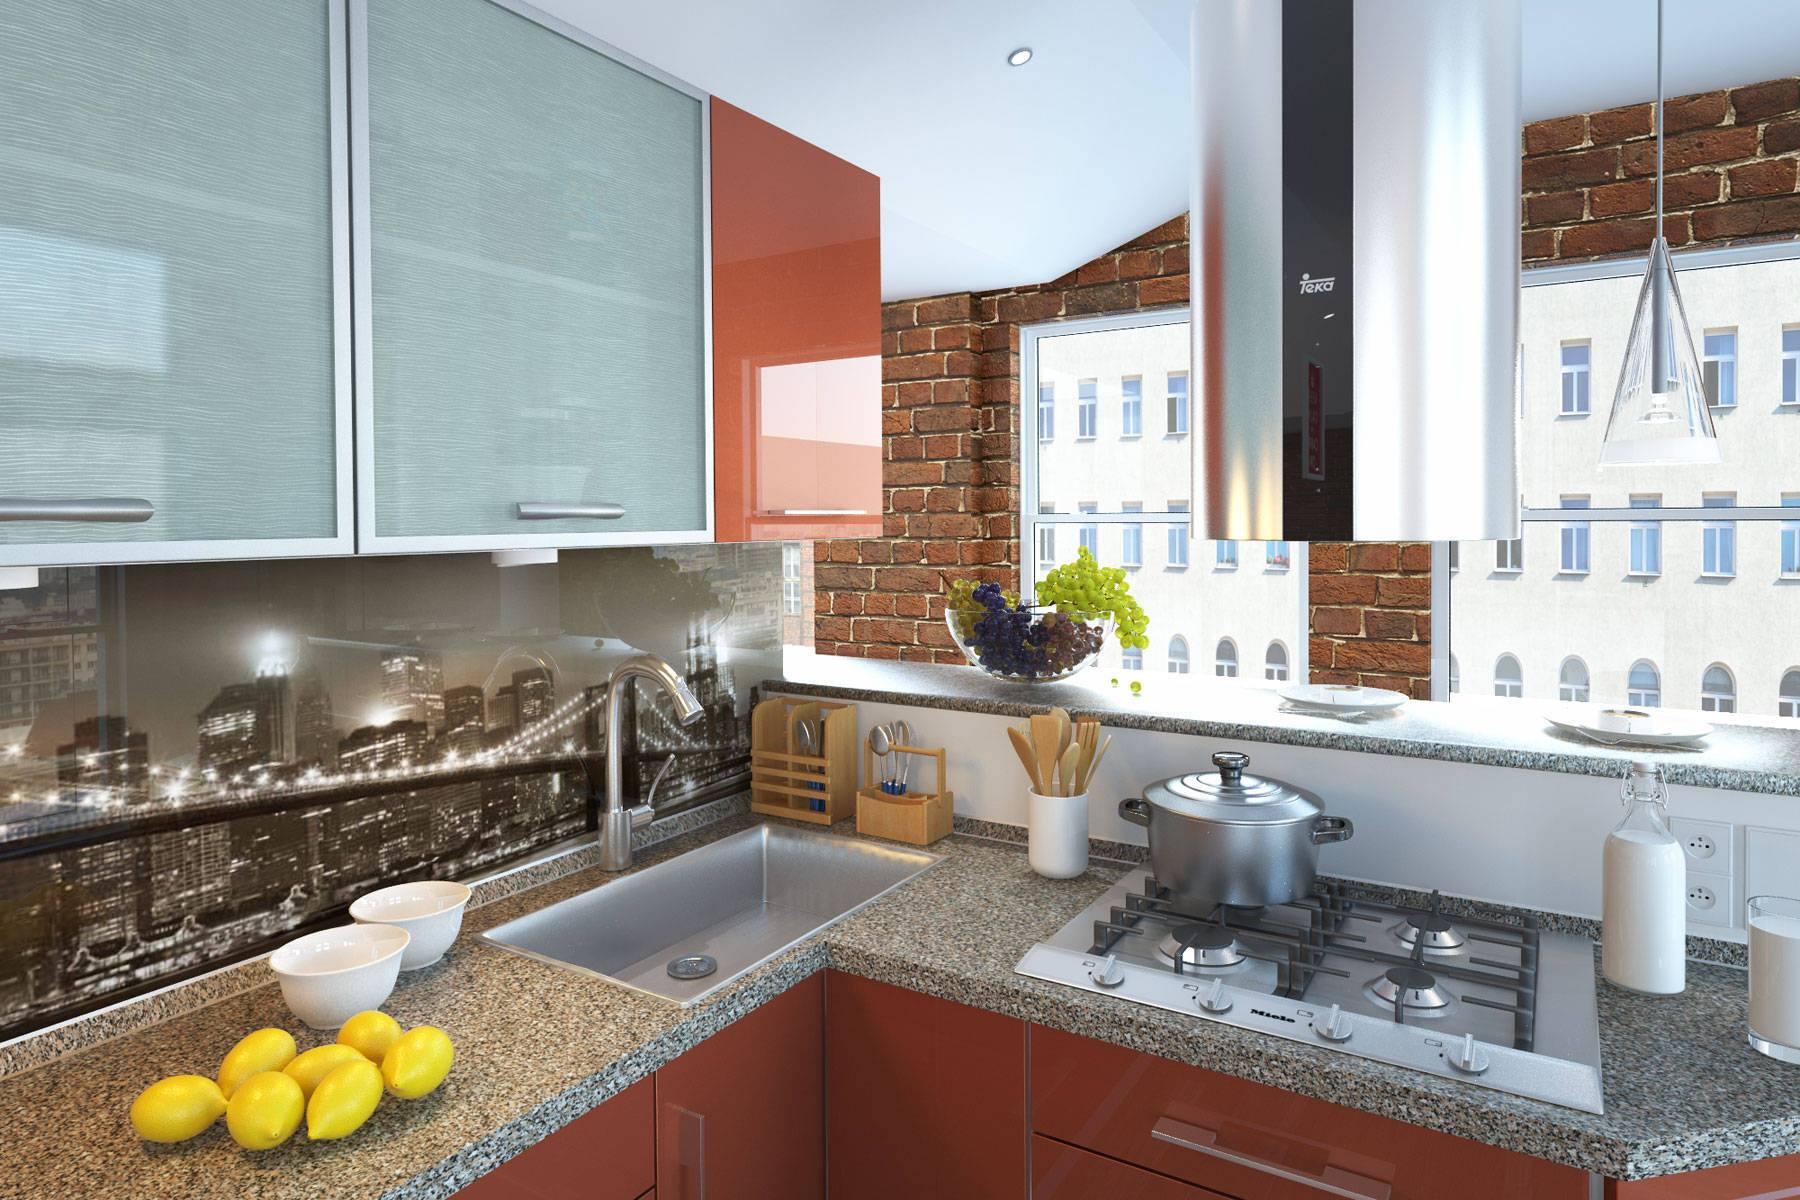 Кухня Модена (Эмаль-металлик) на заказ приемыхов в витька винт и севка кухня